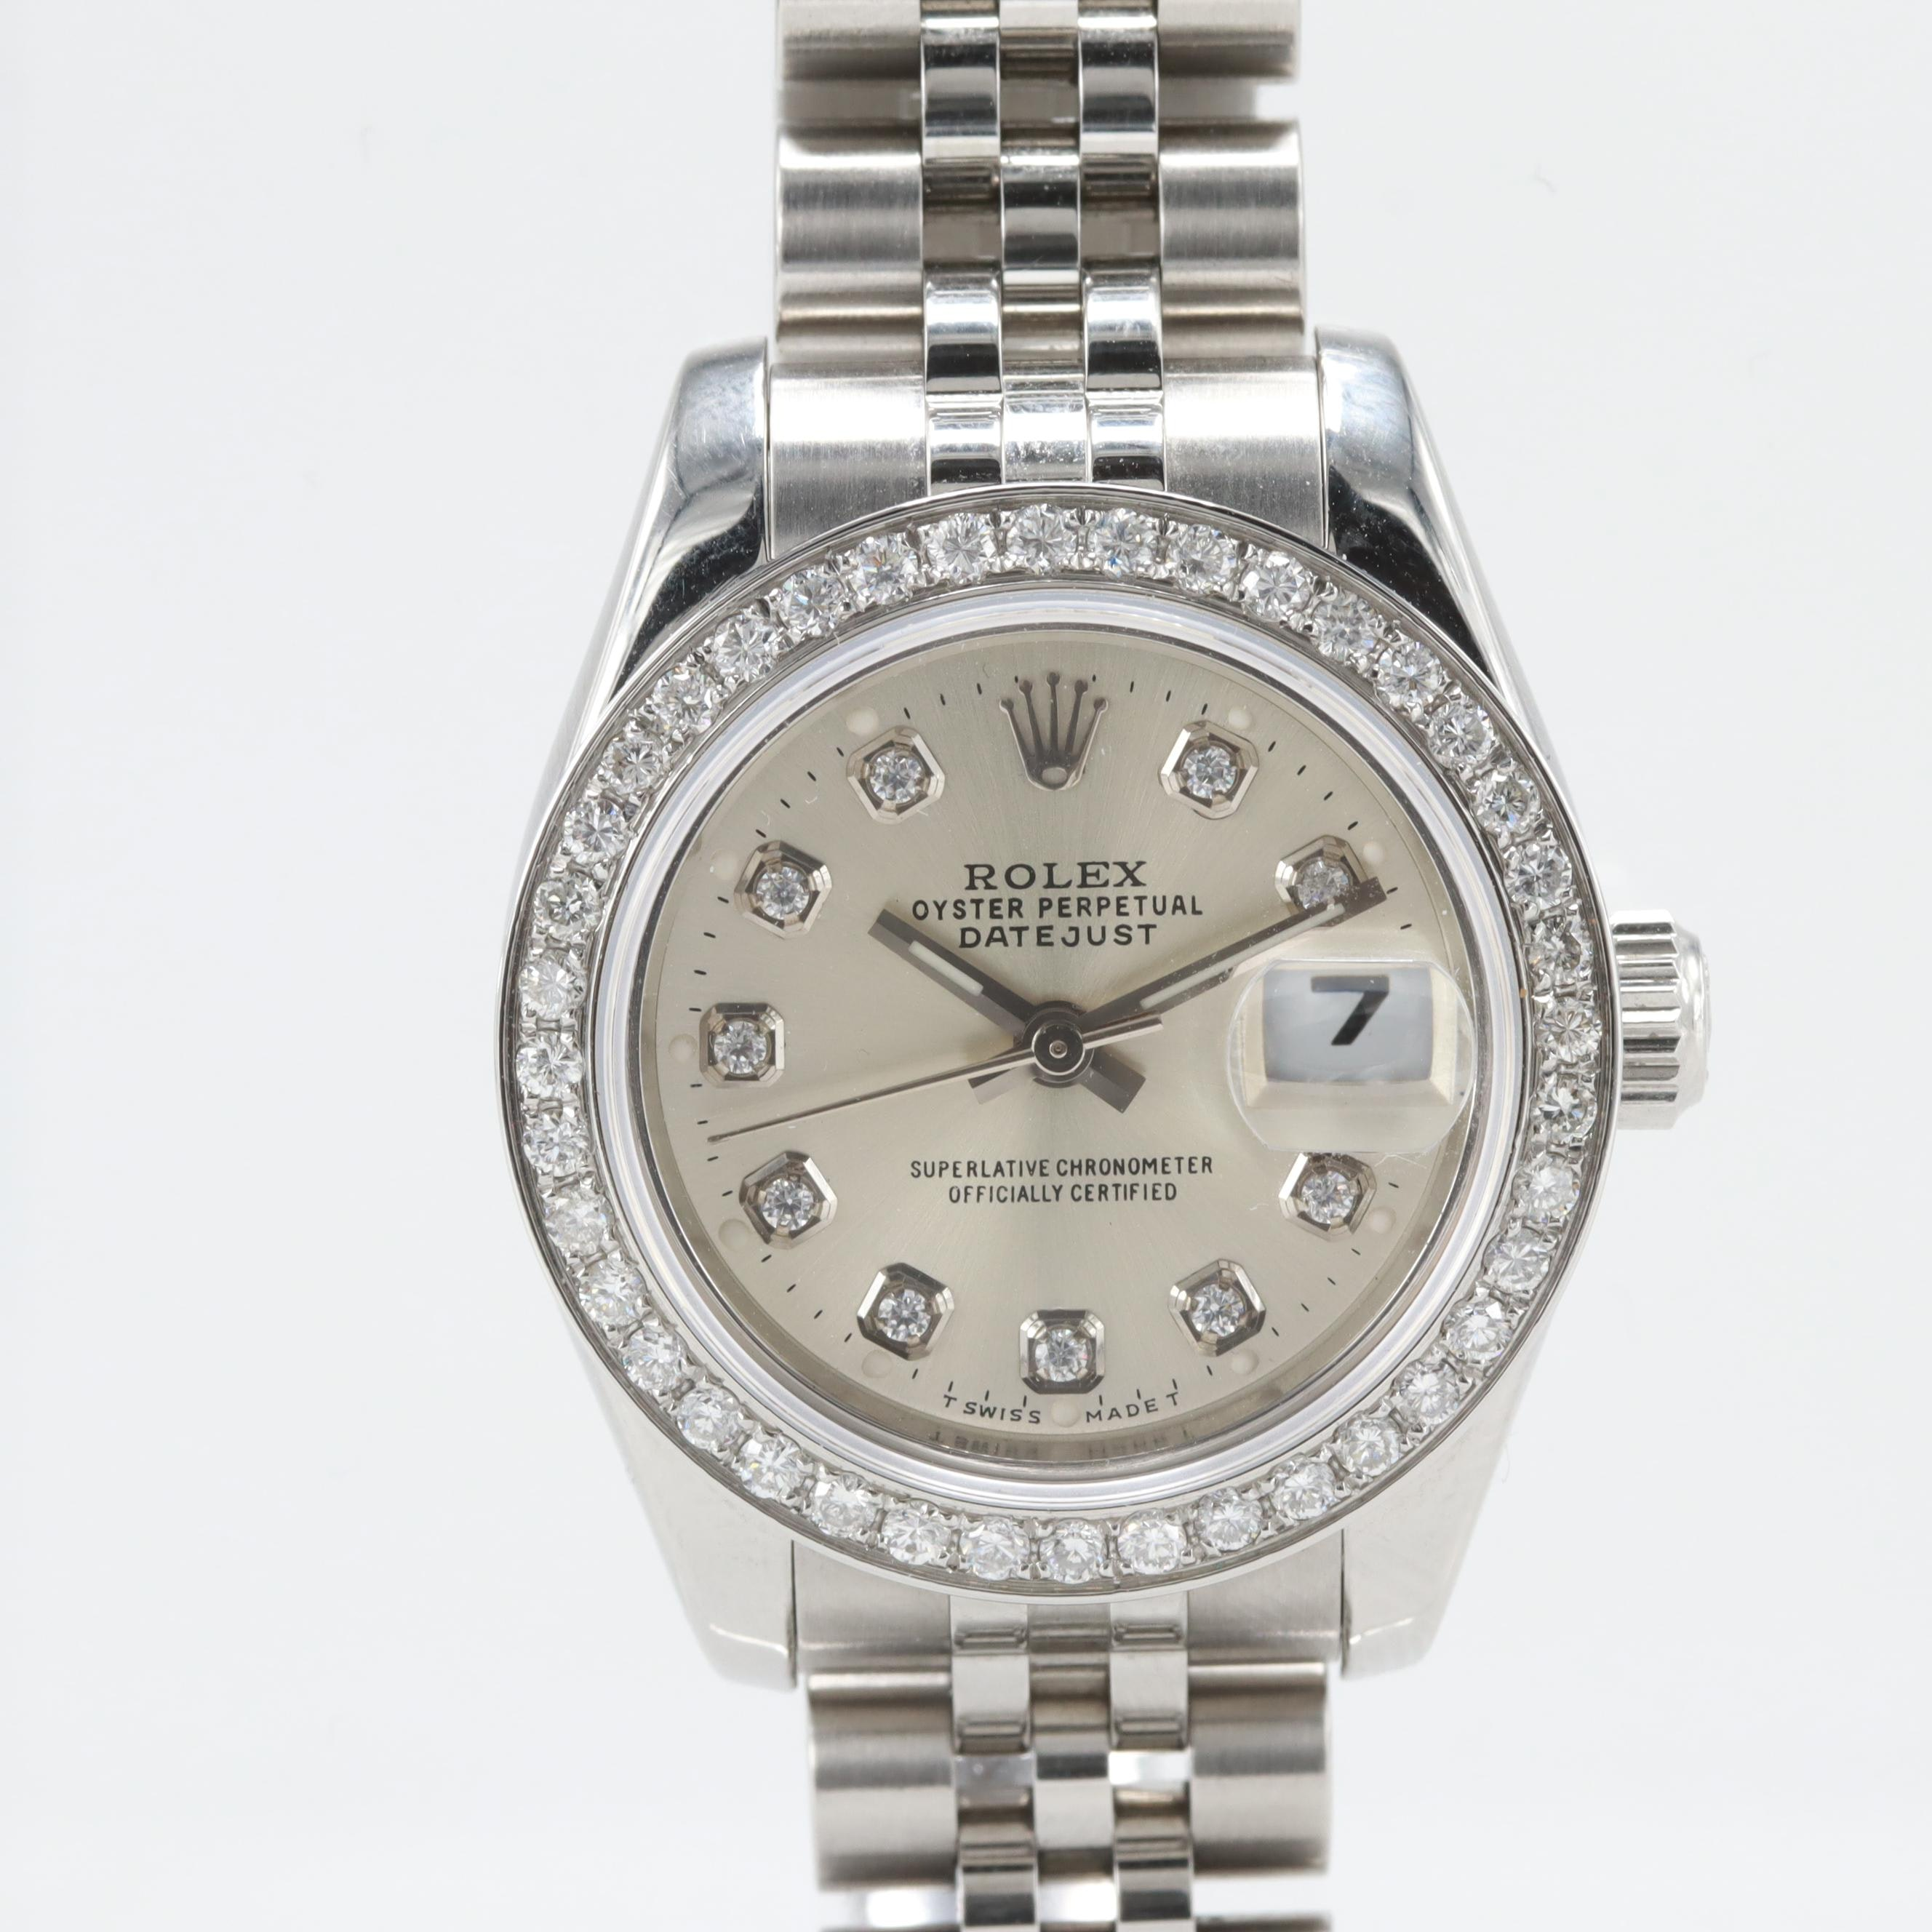 Rolex Datejust Diamond Bezel Wristwatch